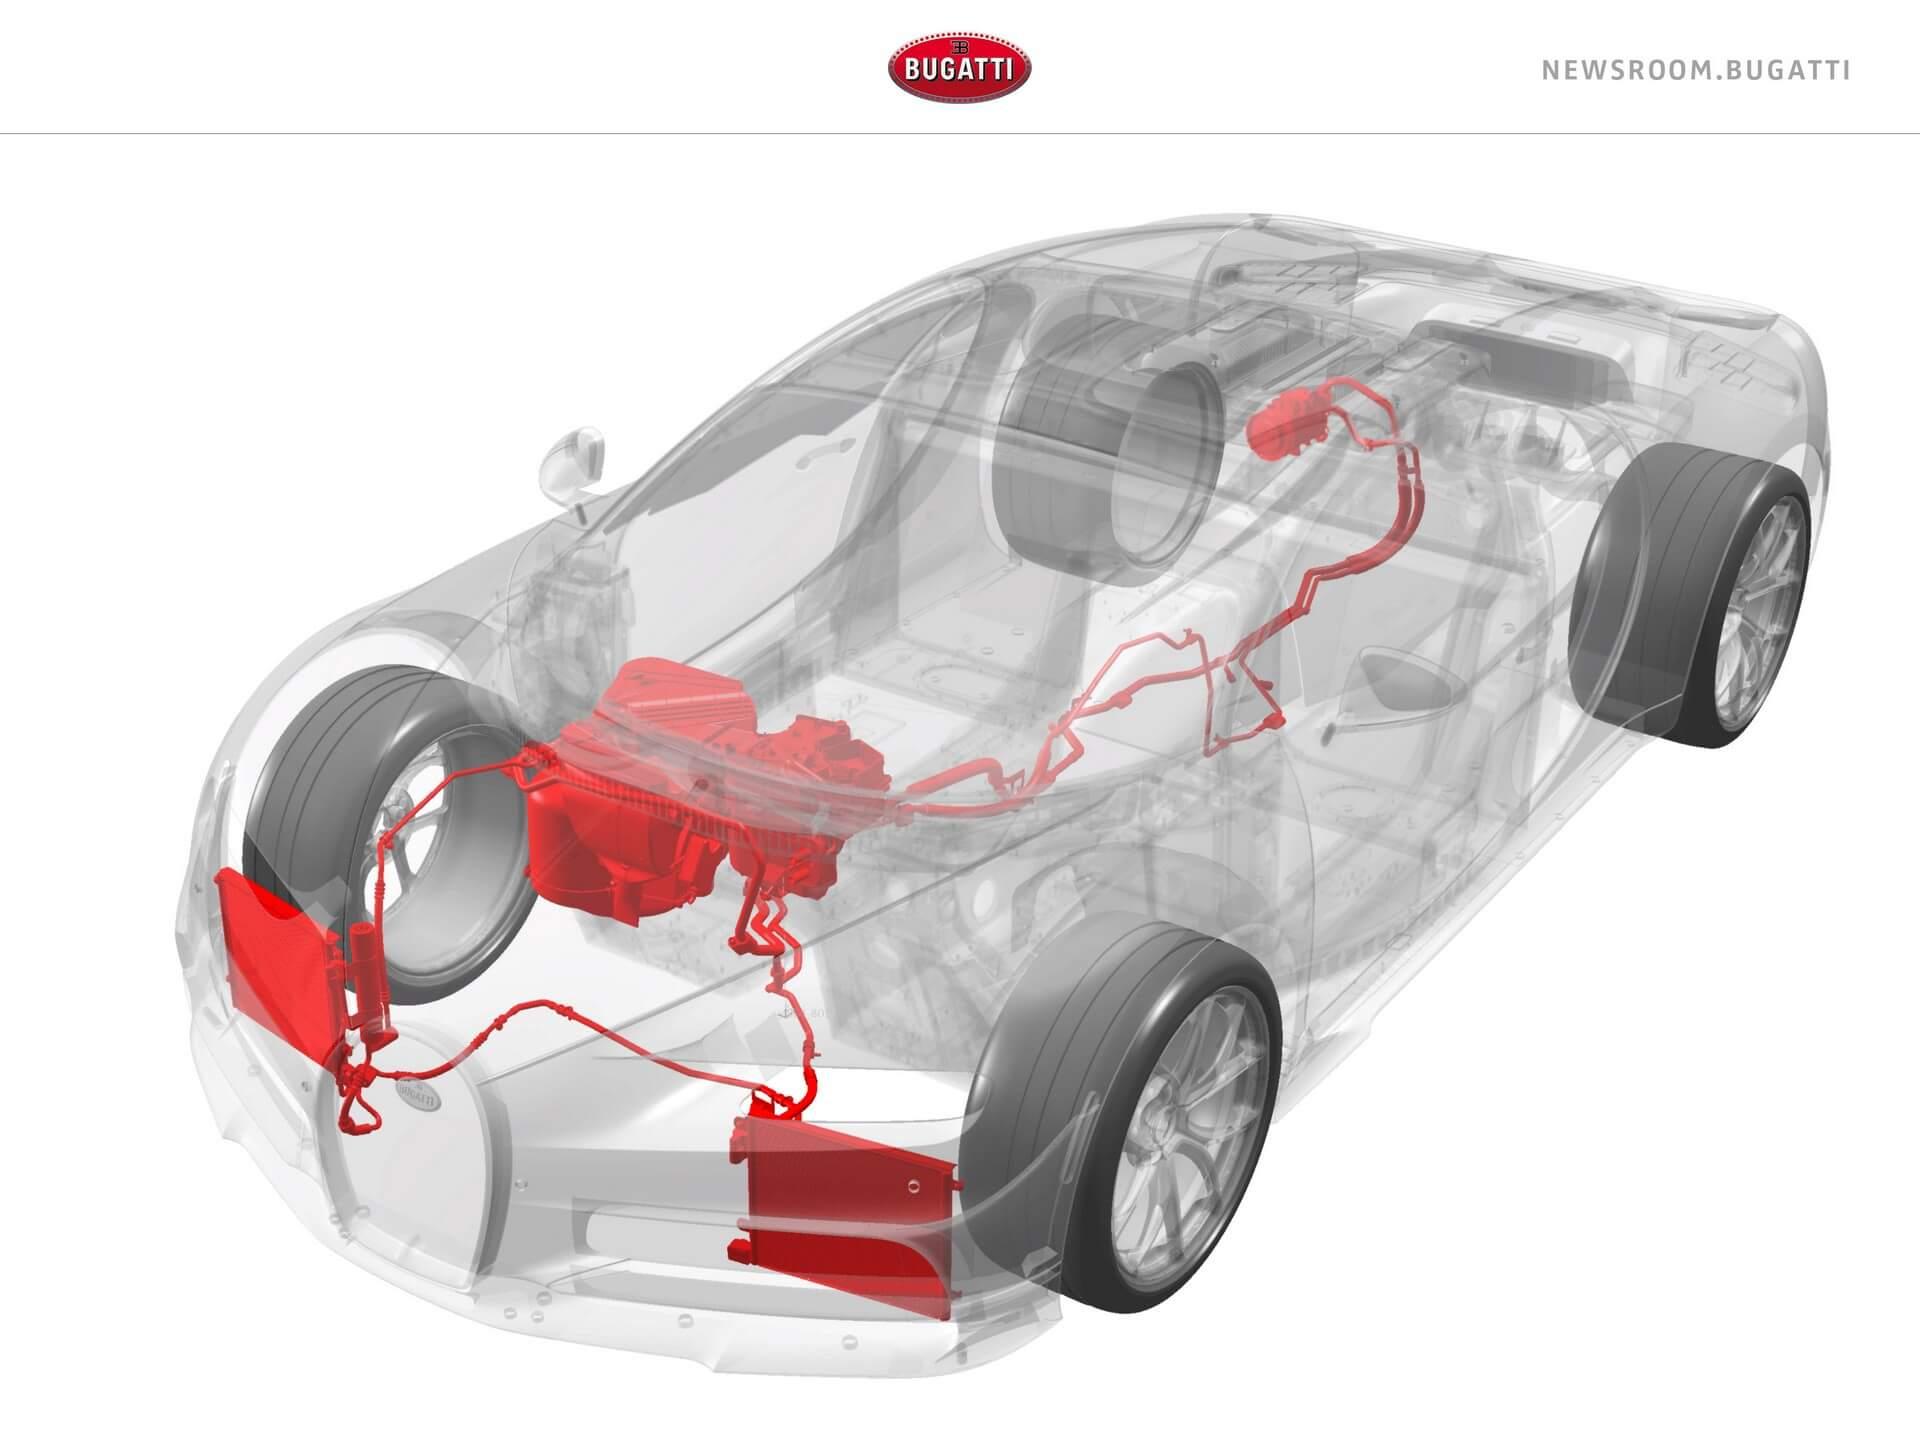 Bugatti Chiron ar condicionado